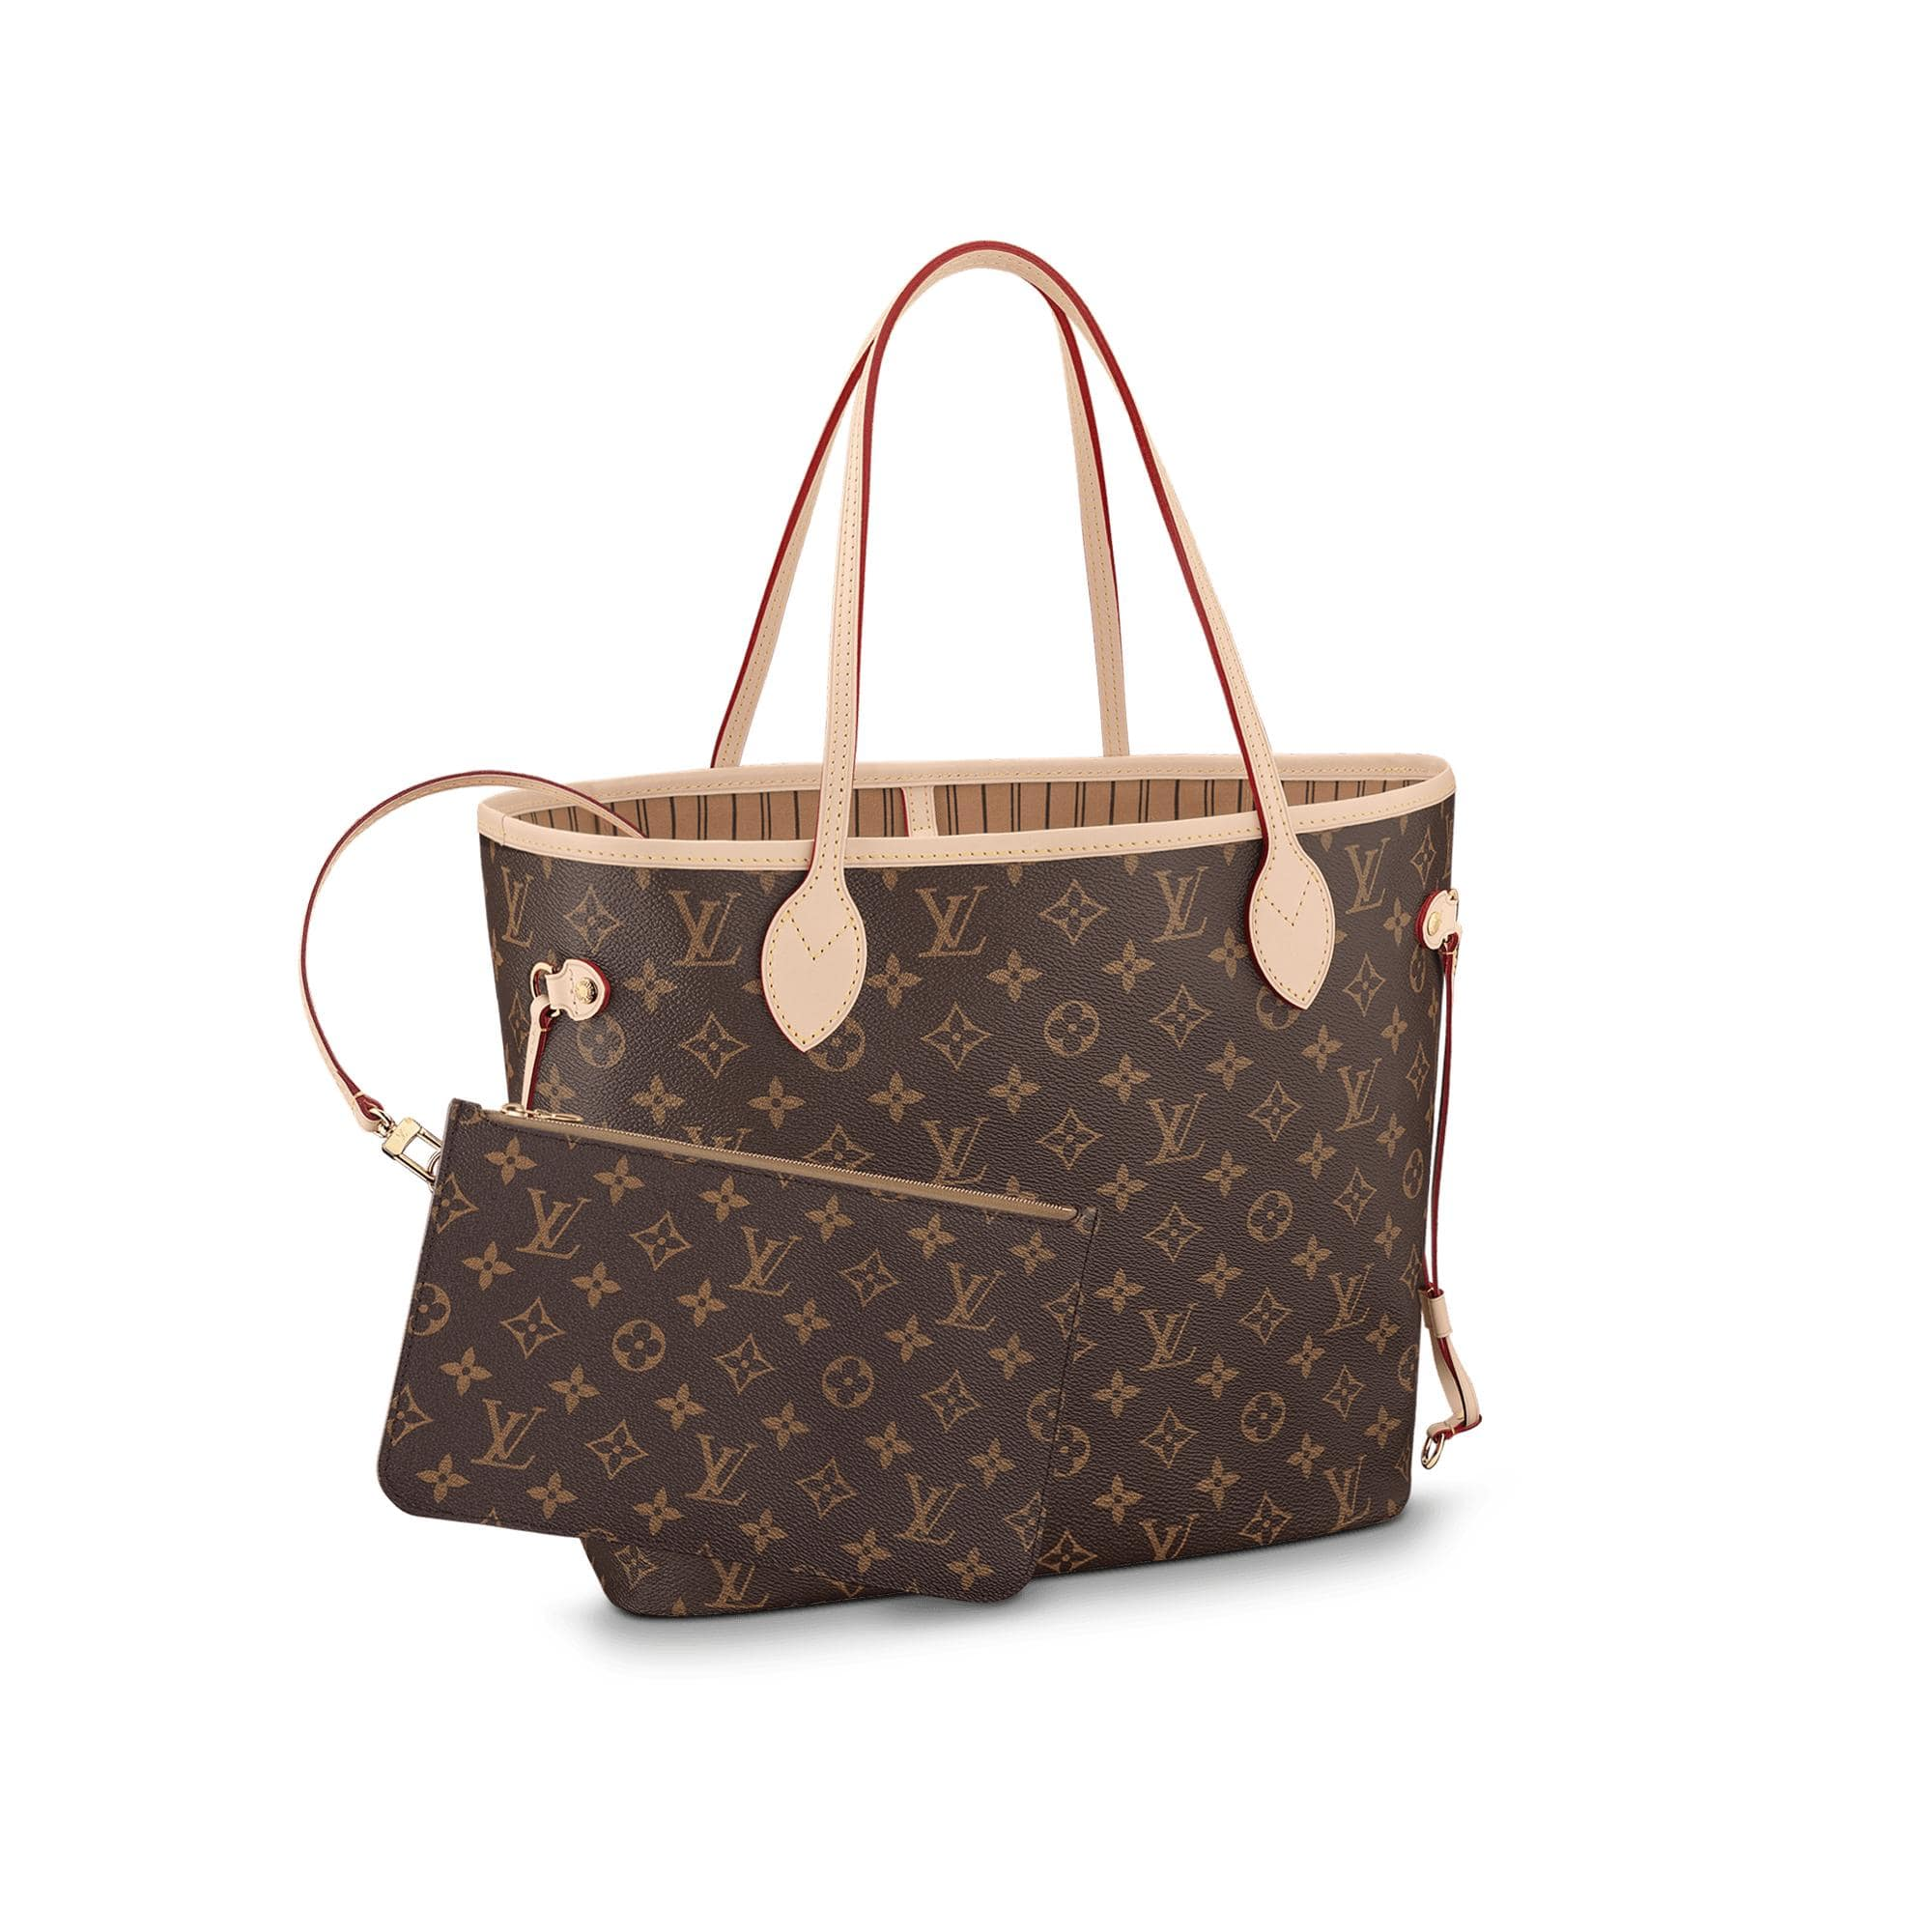 6f0856181b2a0 صور أفضل ماركات حقائب اليد جميلة